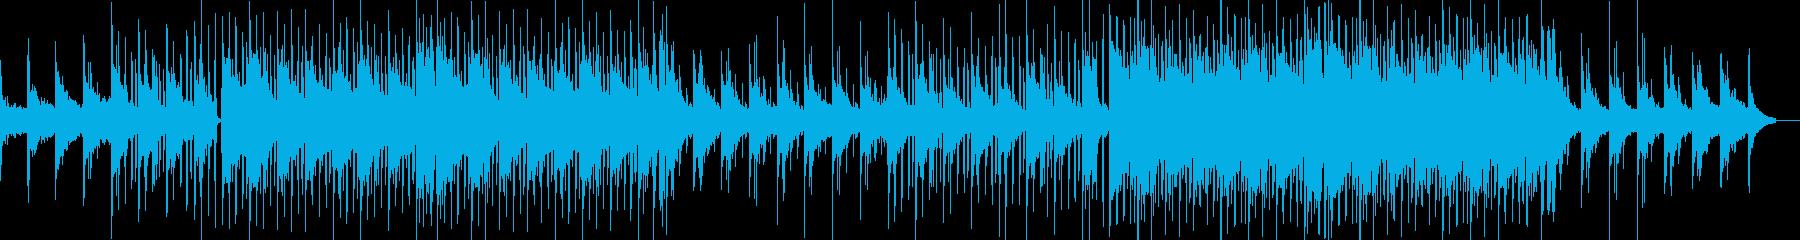 優しいLo-Fi HipHopの再生済みの波形